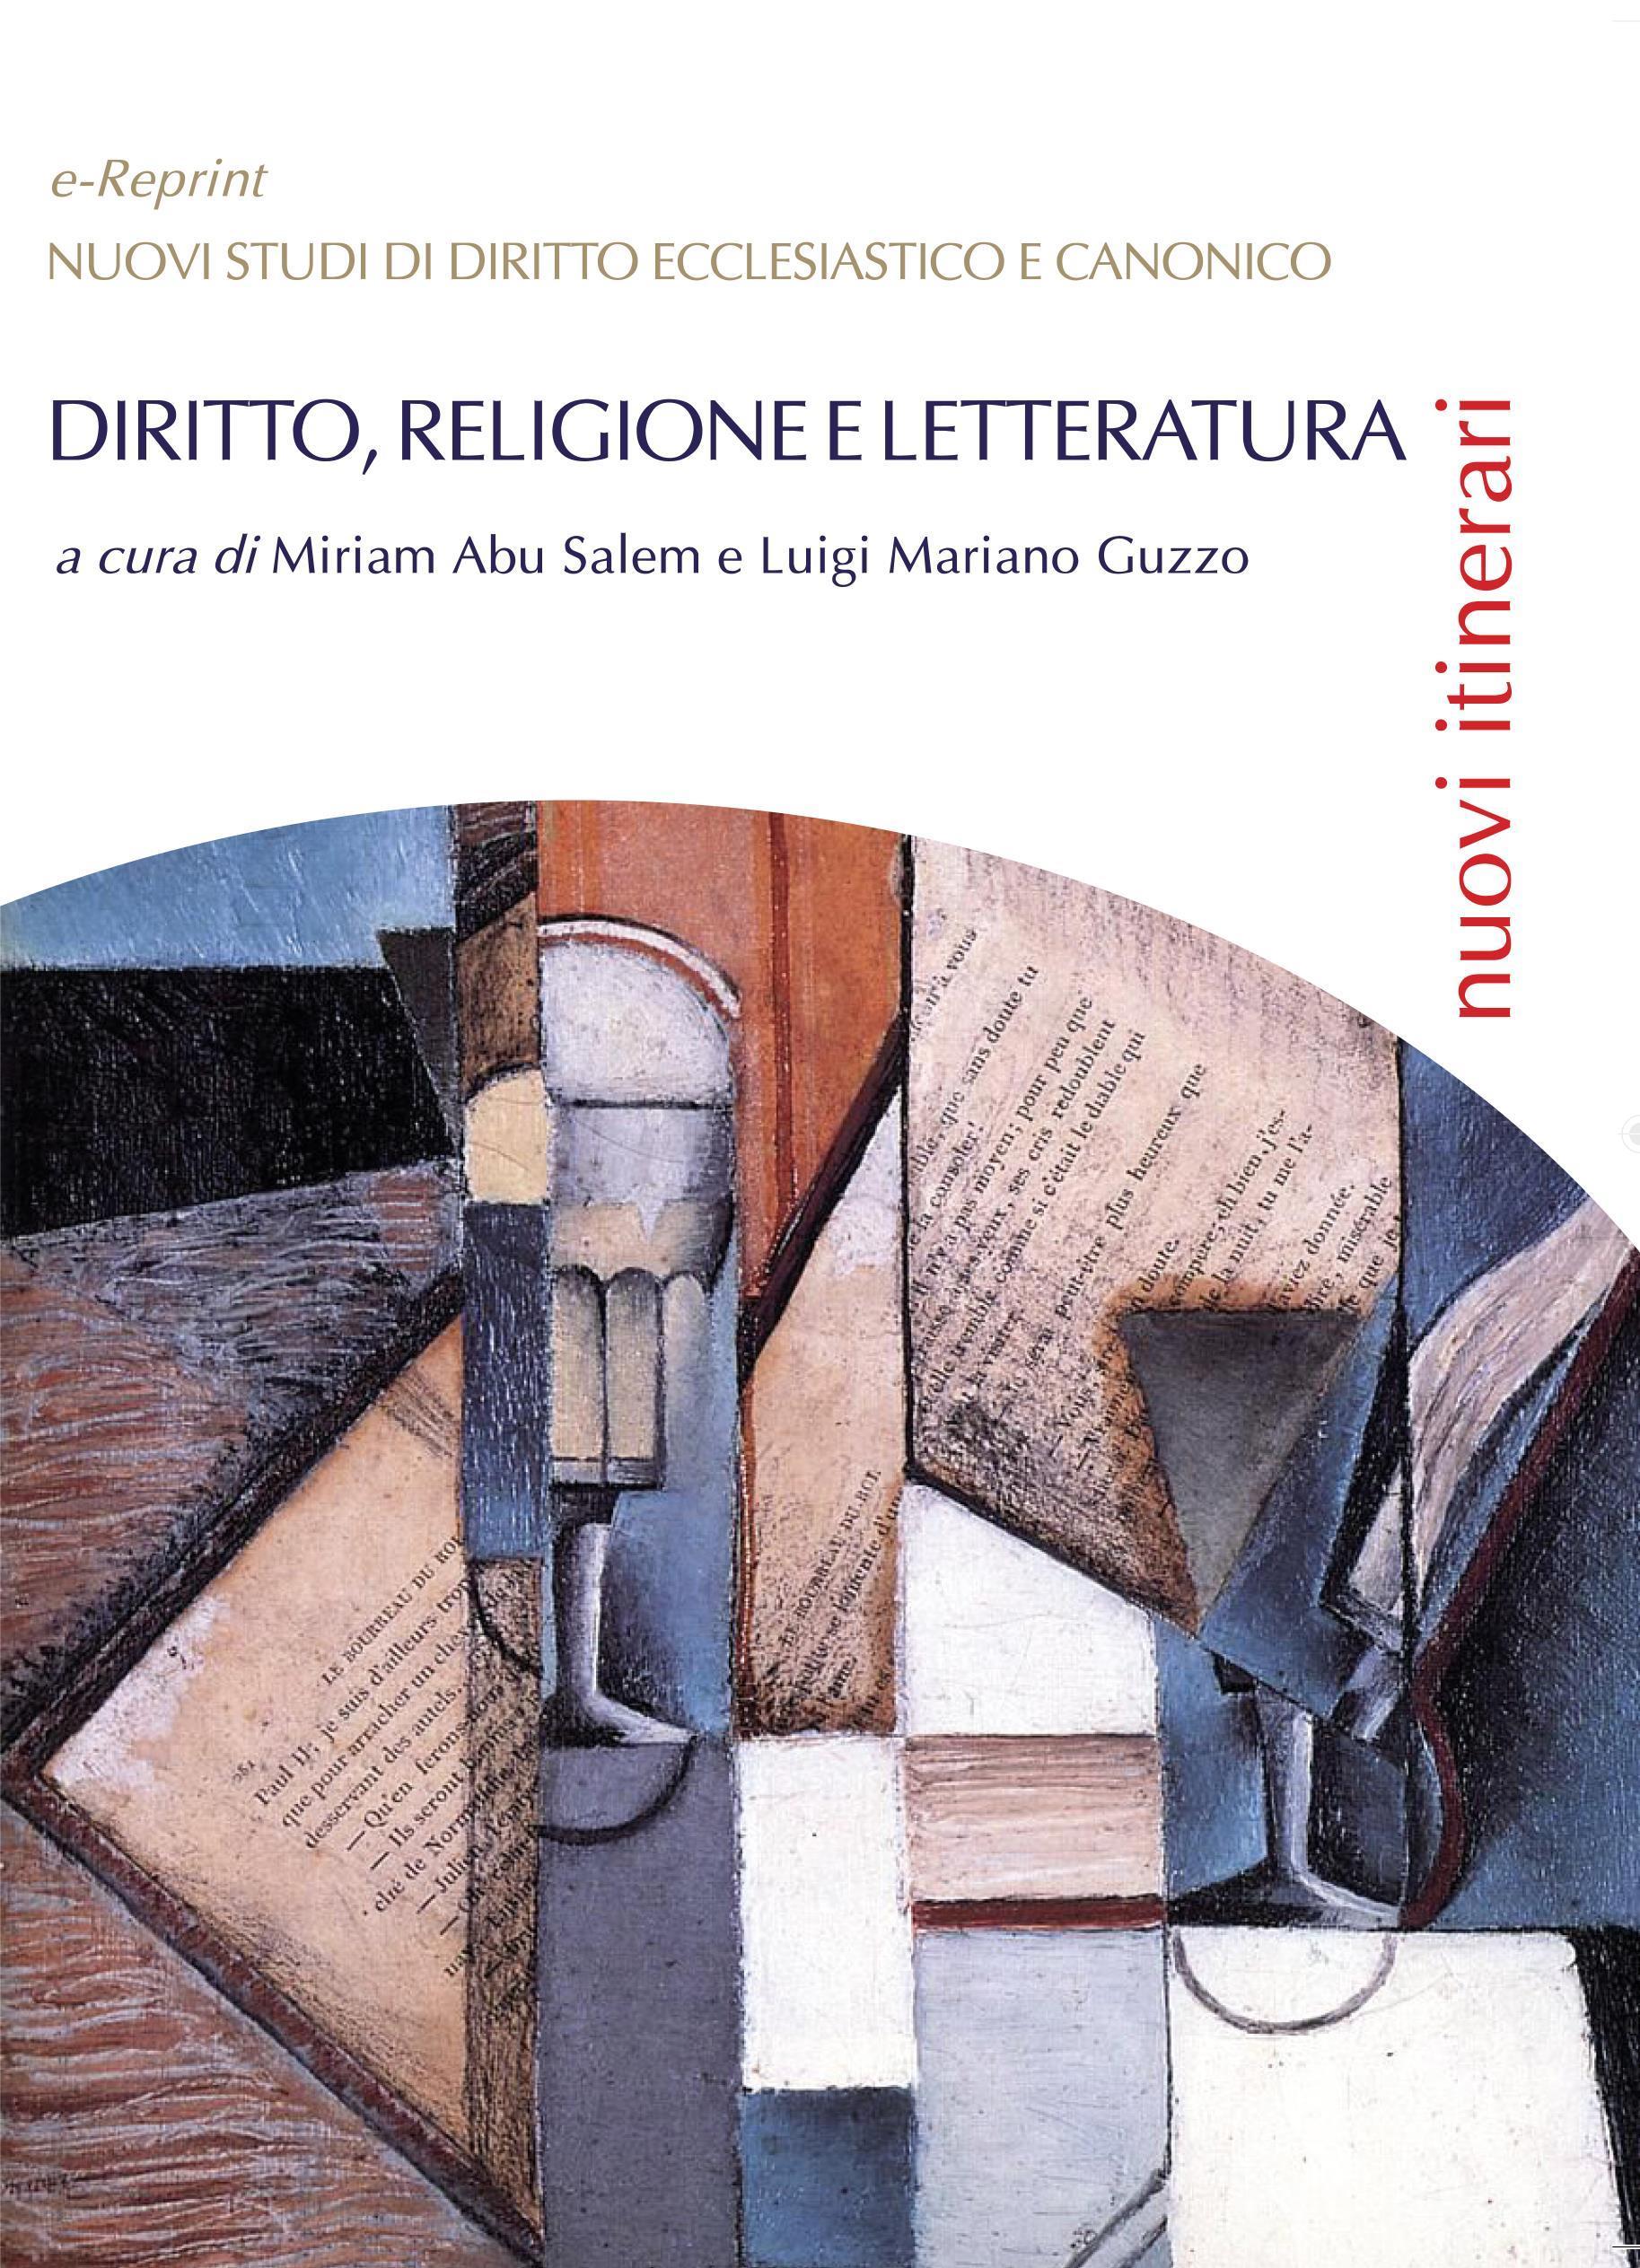 Diritto, religione e letteratura